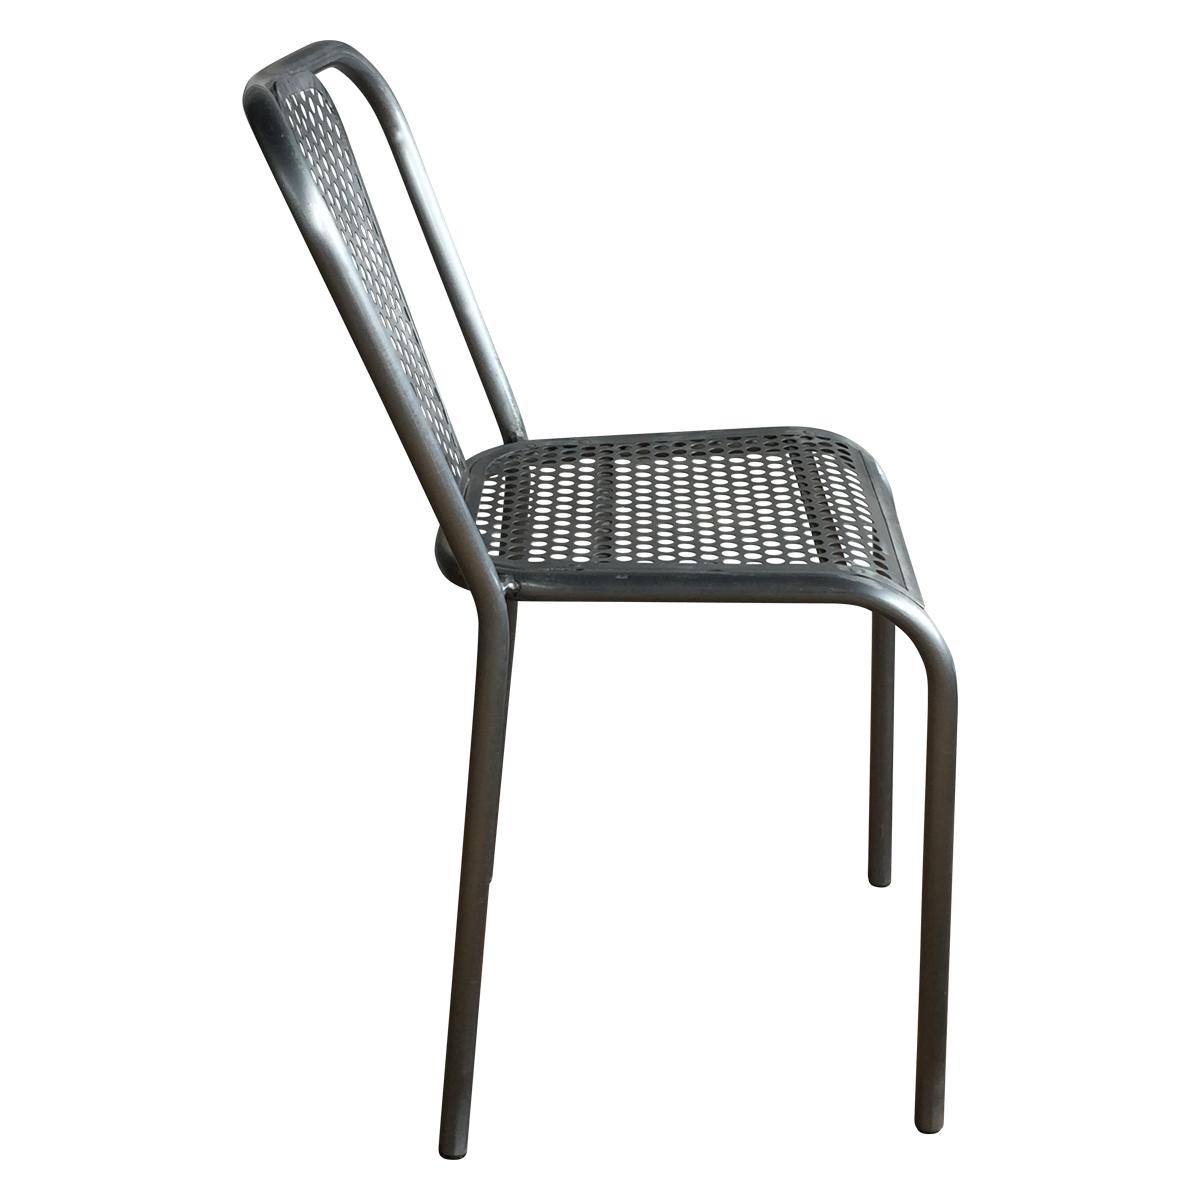 Chaise en m tal grise style industriel demeure et jardin - Chaise style industriel ...